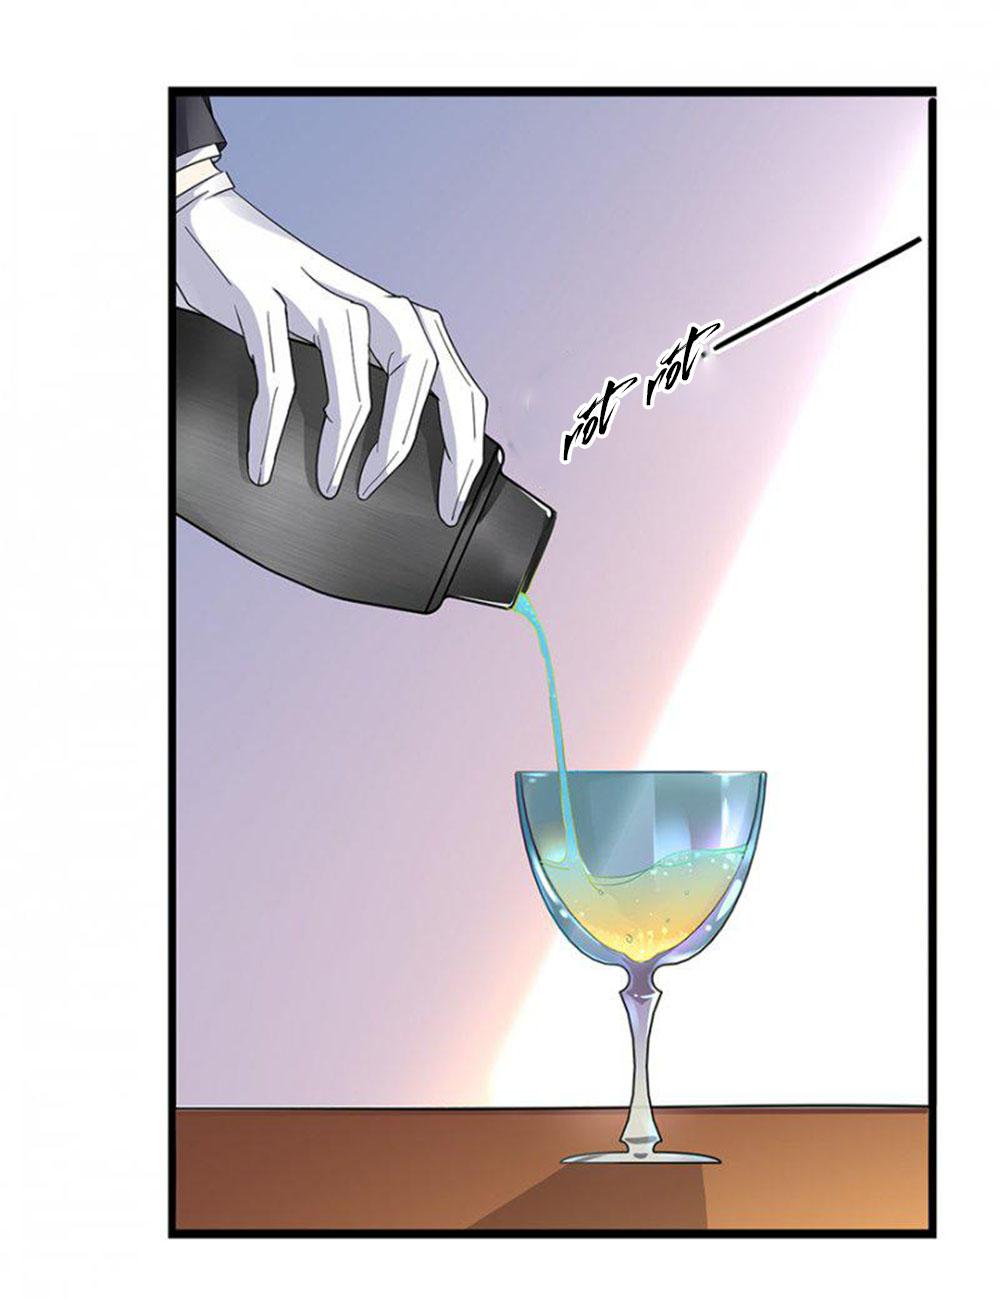 Nhật Ký Dạy Dỗ Của Gia Tộc Đáng Yêu trang 7